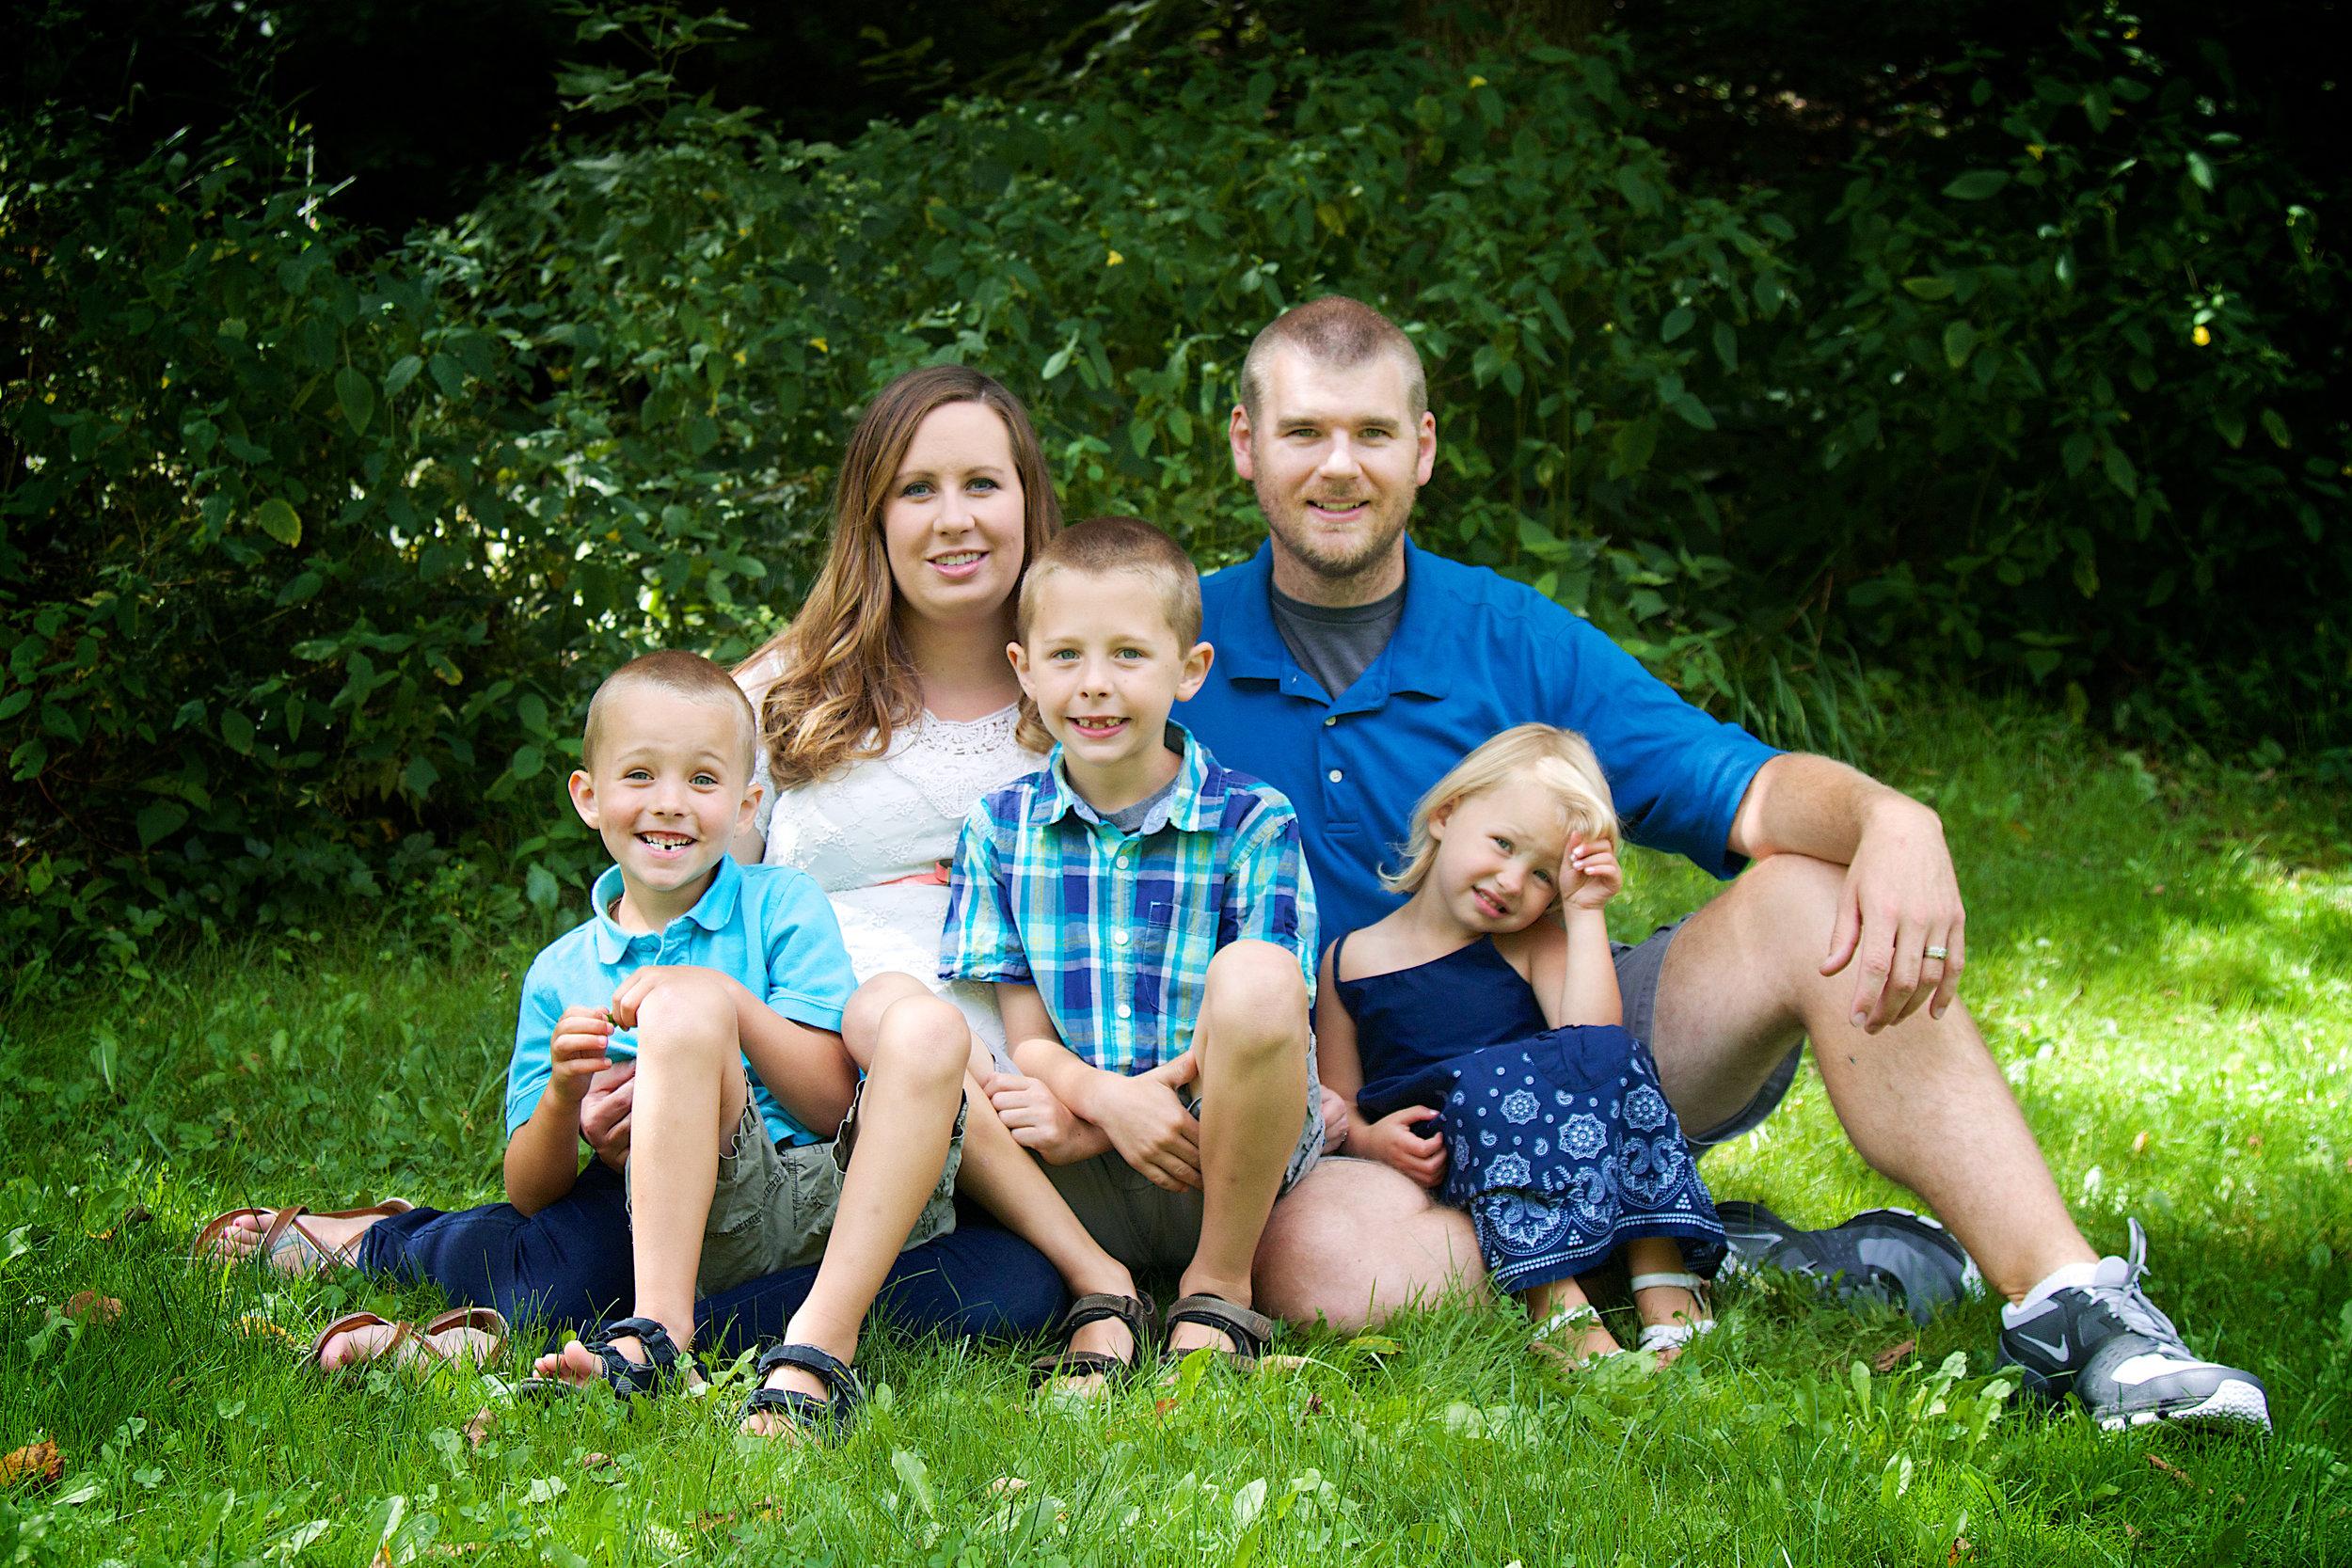 jervissfamily_014.jpg